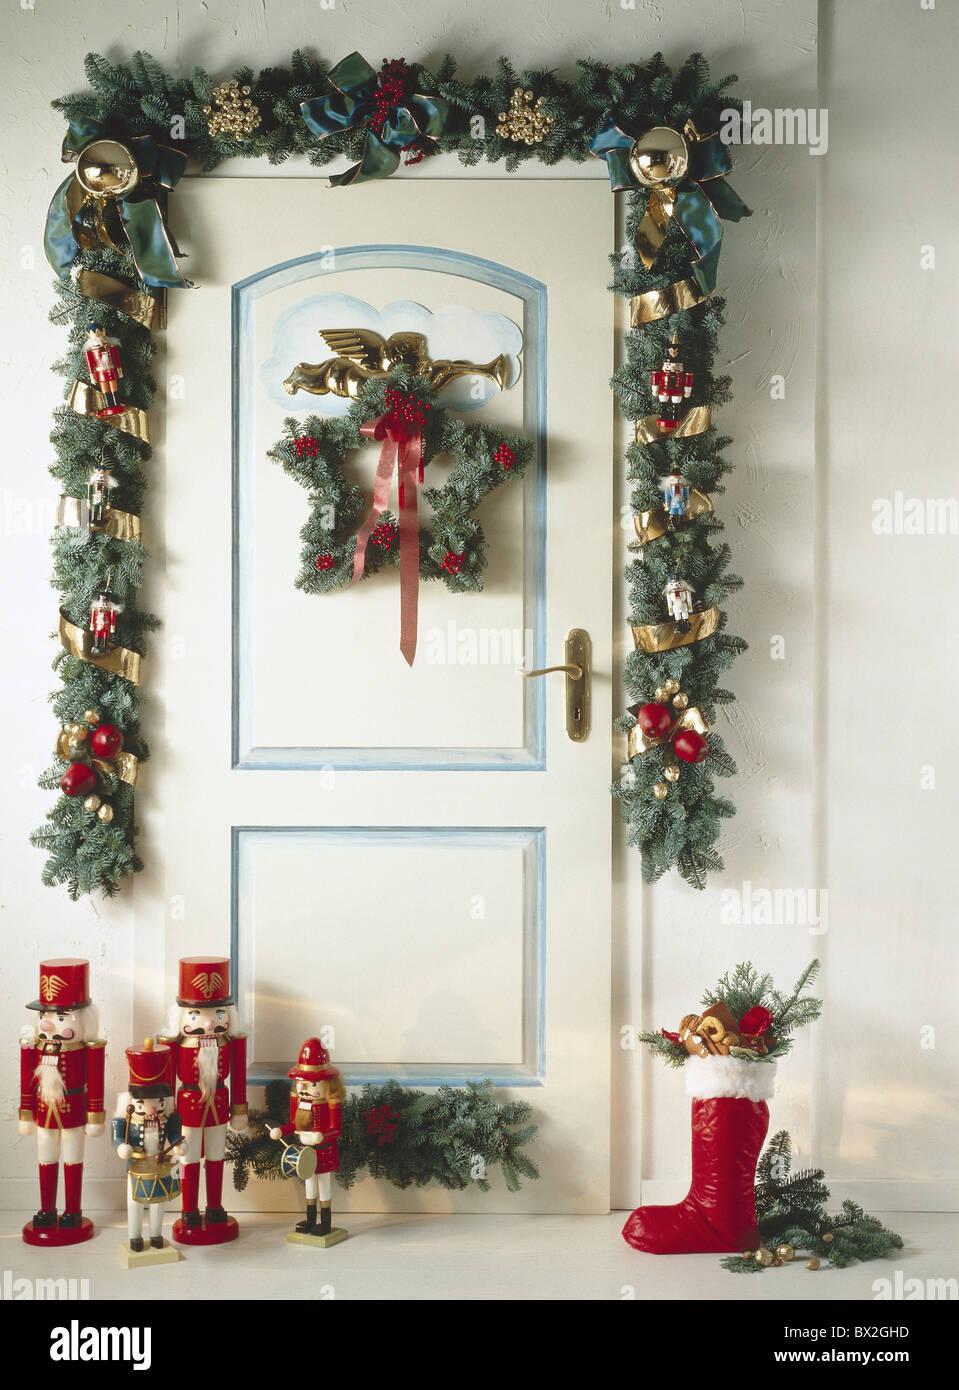 Arreglos arreglos de adviento muy navide o navidad caja for Arreglos navidenos para puertas 2016